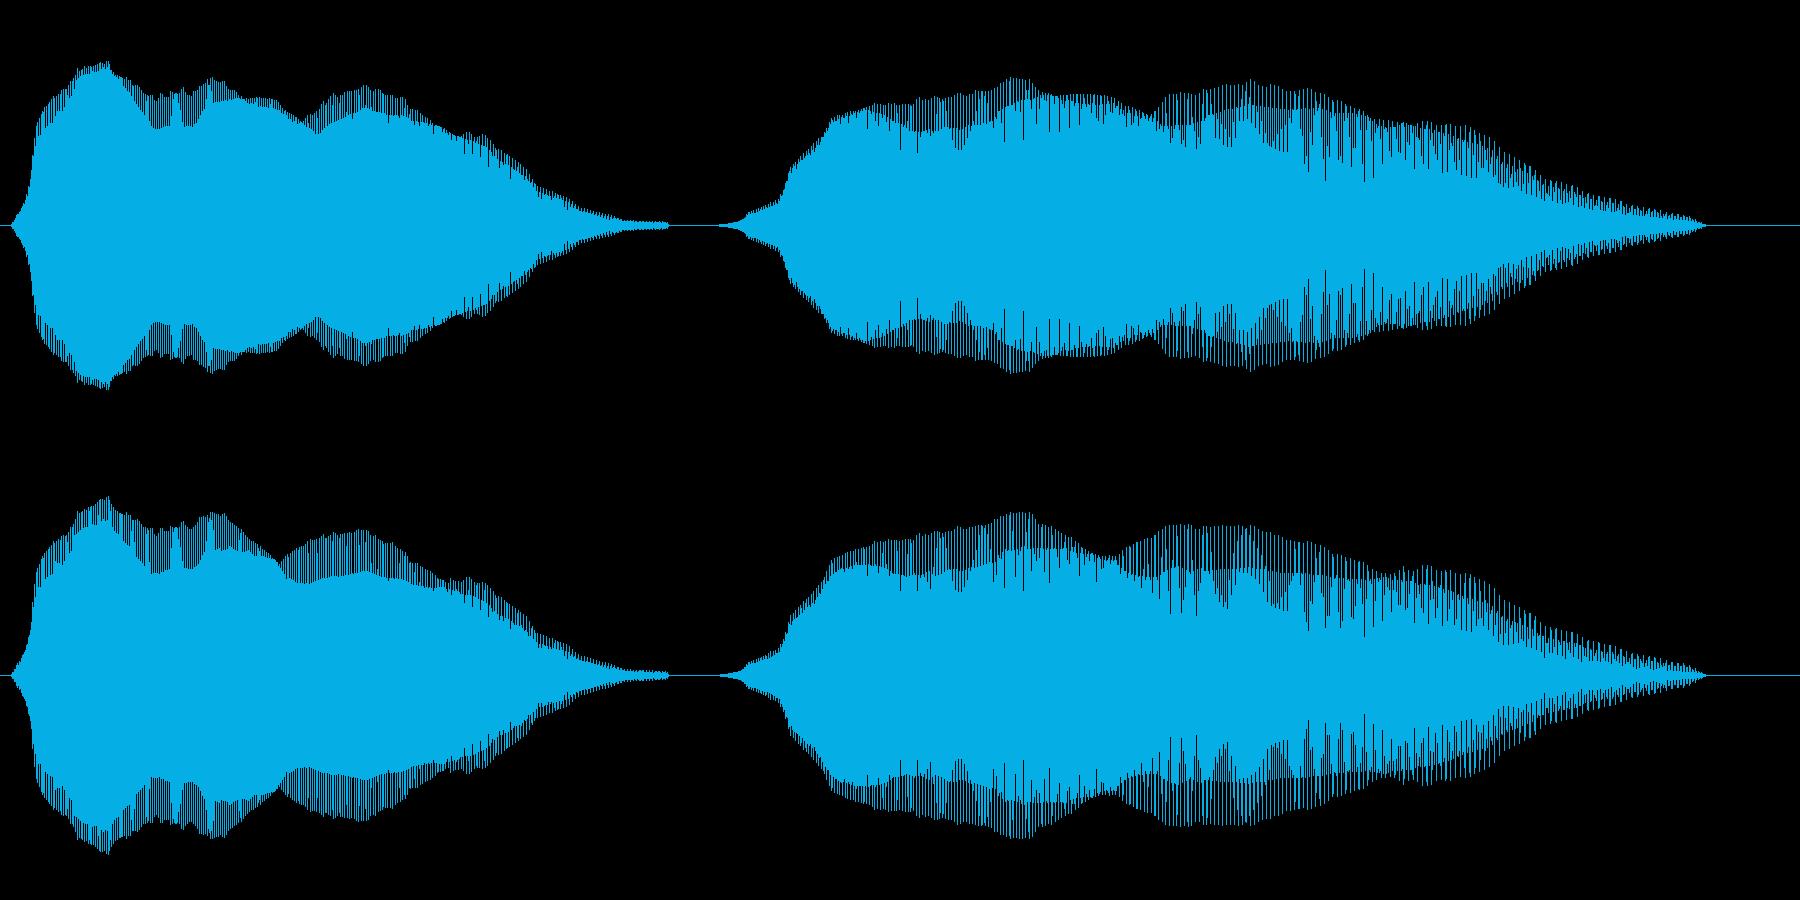 ふわふわ(コミカルな効果音)の再生済みの波形